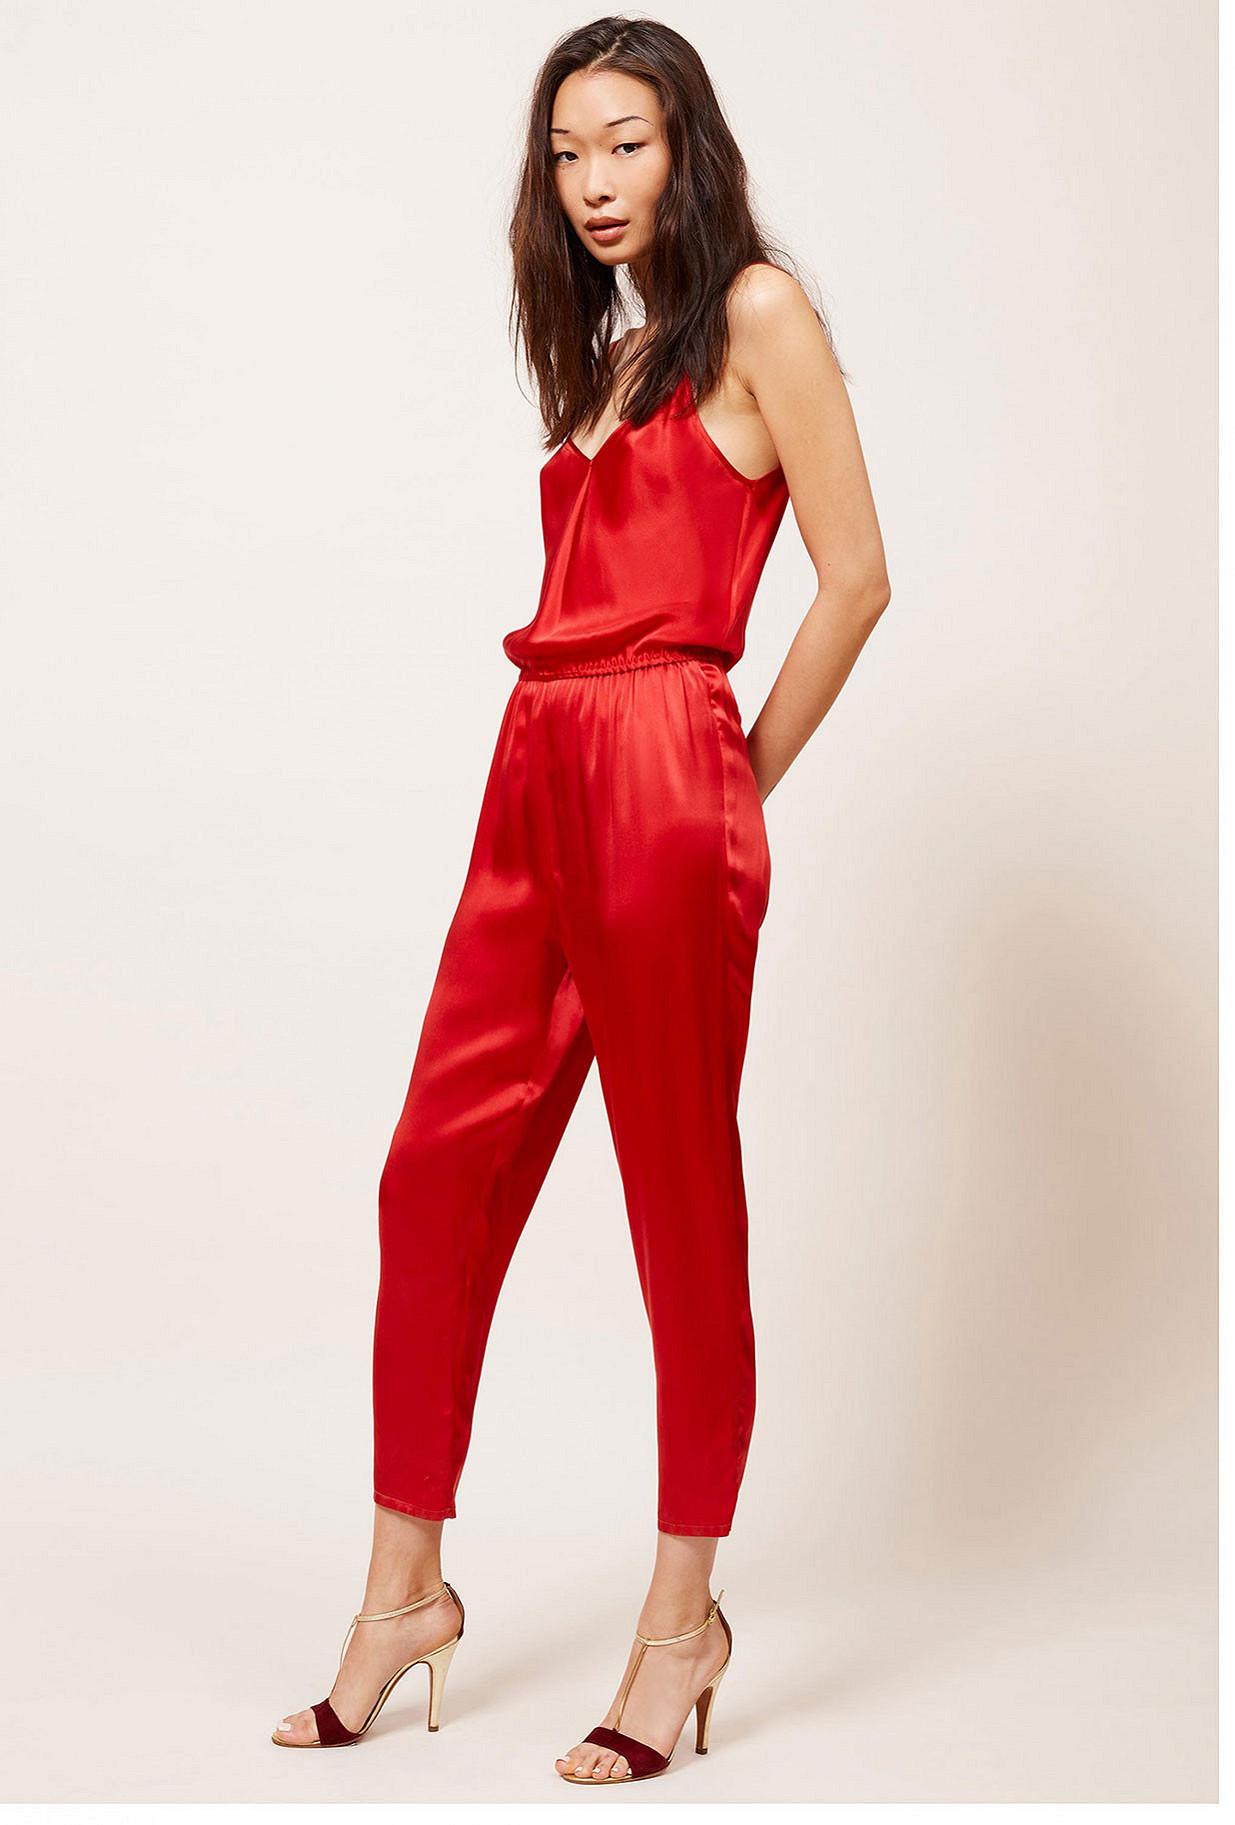 Paris clothes store Jumpsuit  Noche french designer fashion Paris